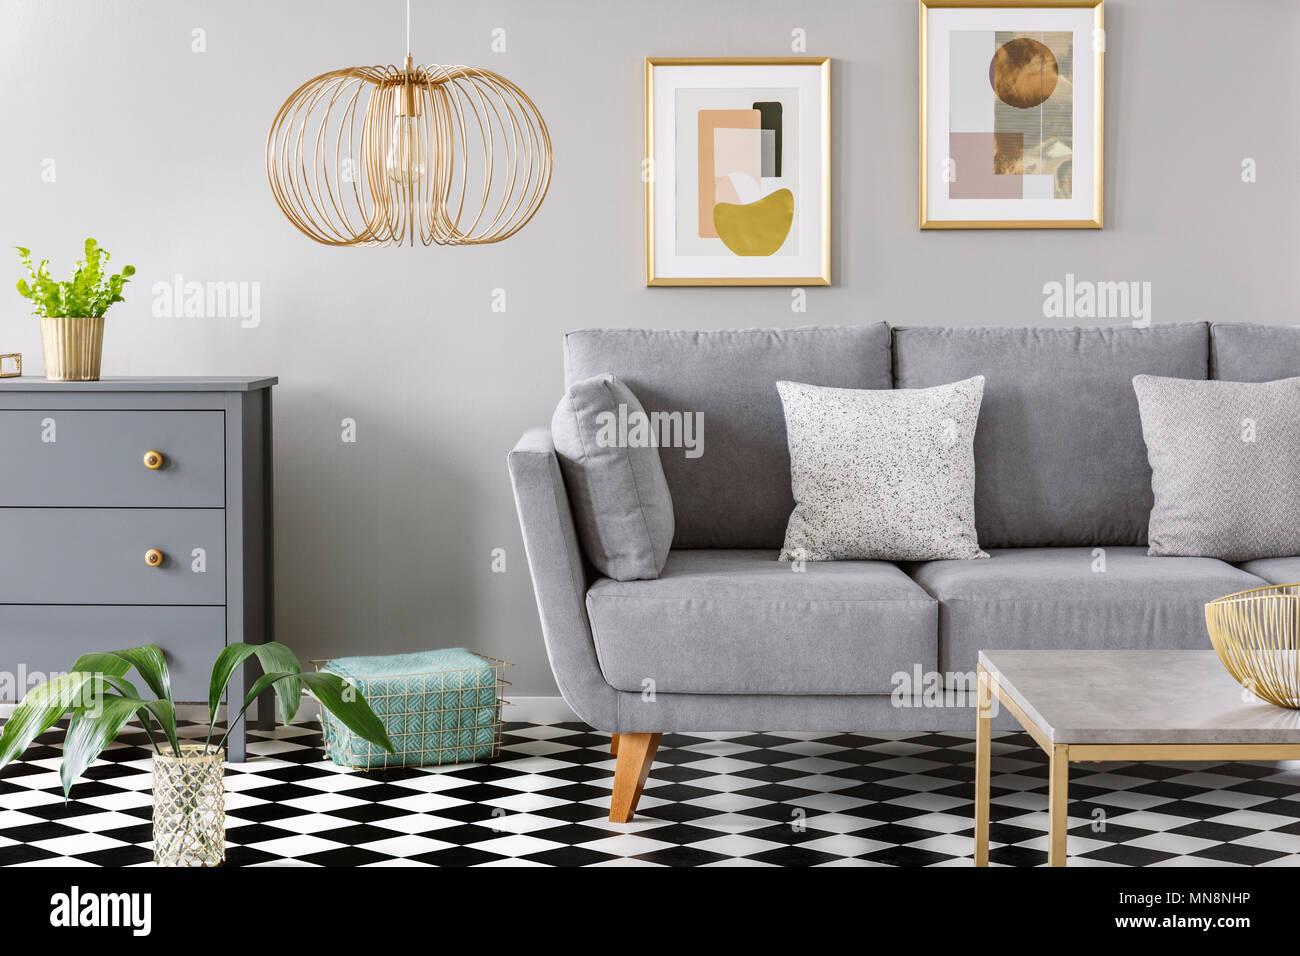 Gold Lampe in grau Wohnzimmer Interieur mit Poster ber